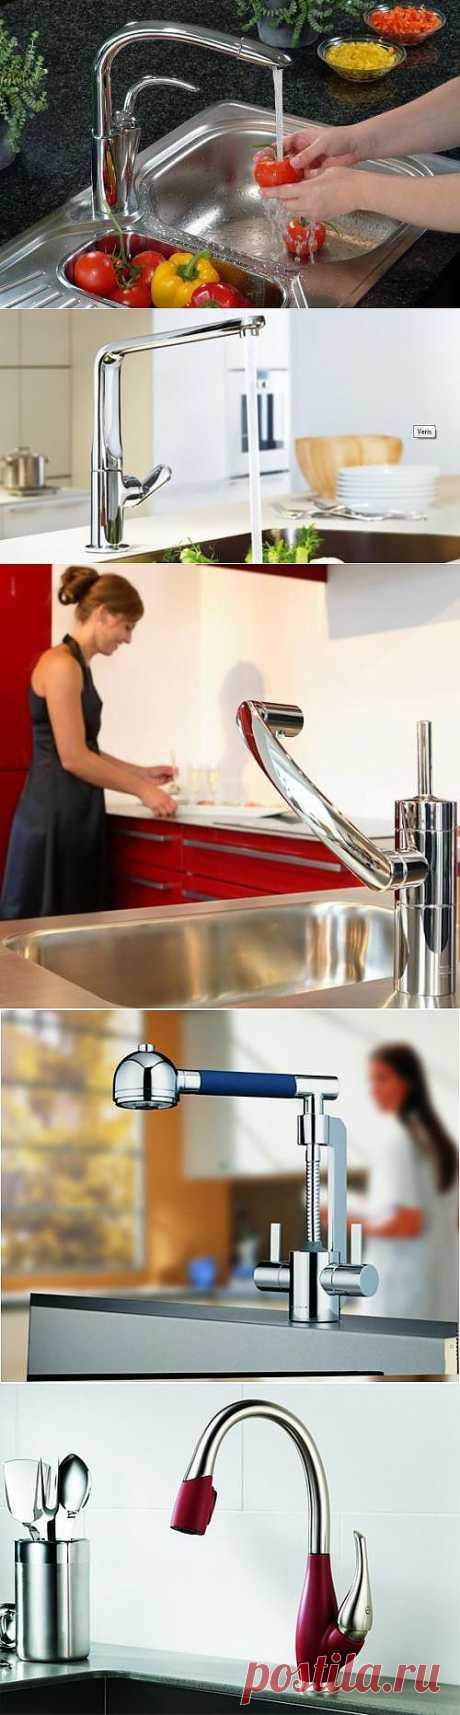 Как выбрать смеситель для кухни?